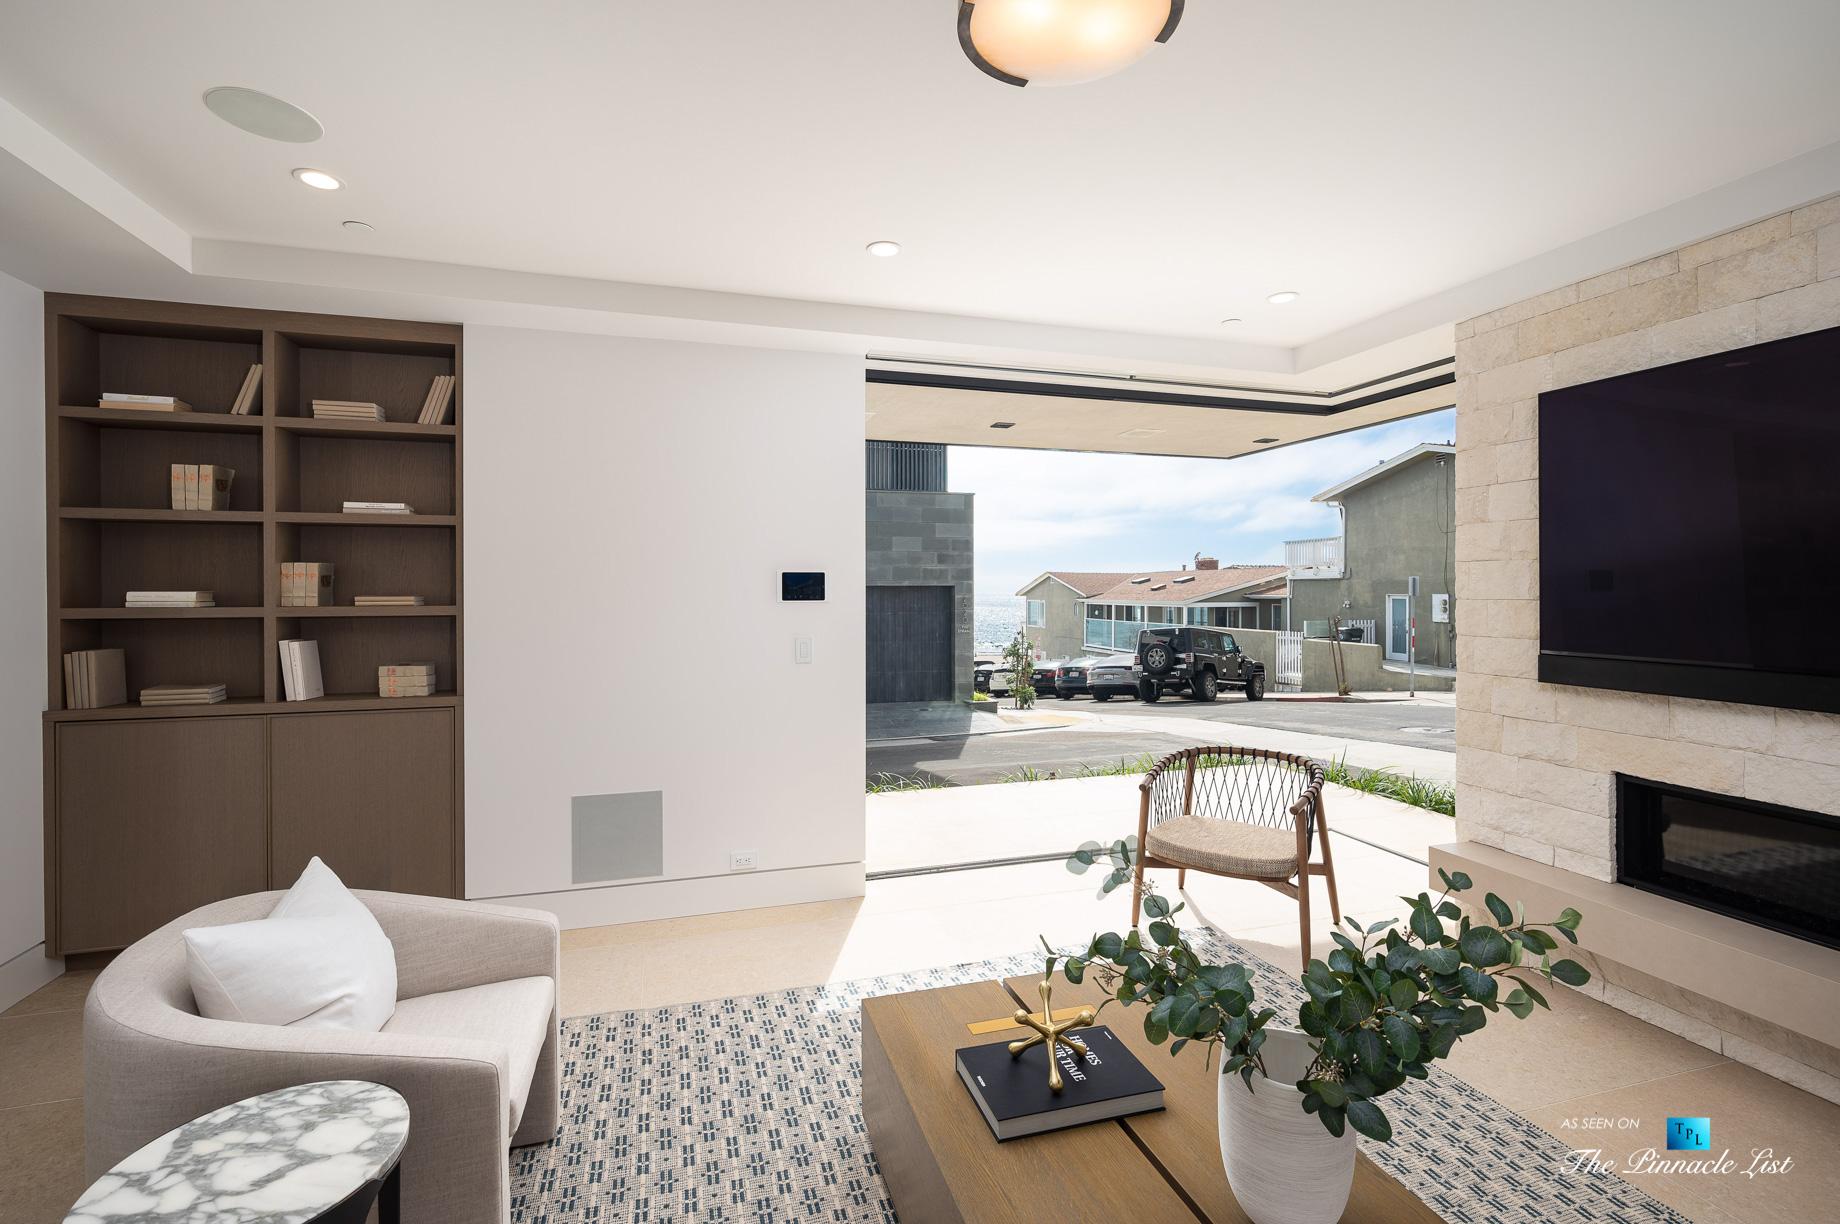 2016 Ocean Dr, Manhattan Beach, CA, USA - Family Room - Luxury Real Estate - Modern Ocean View Home